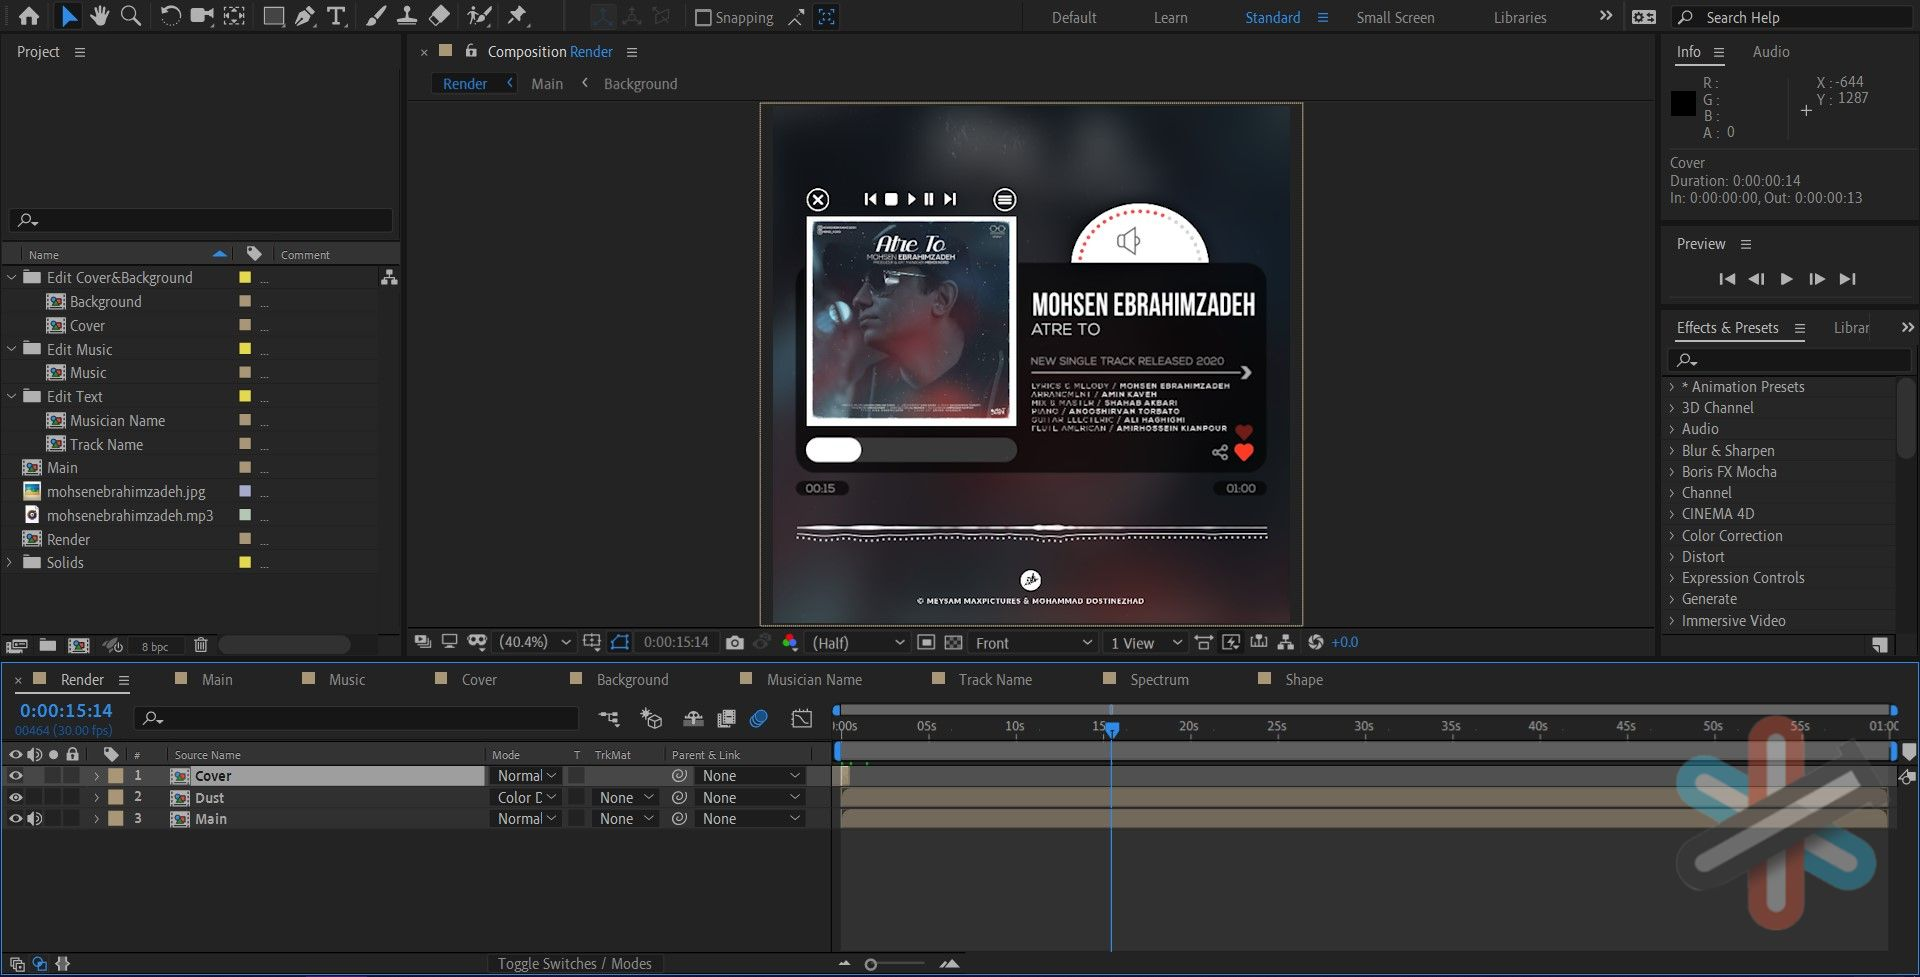 پروژه موزیک پلیر حرفه ای نسخه ۳ مخصوص اینستاگرام برای افترافکت